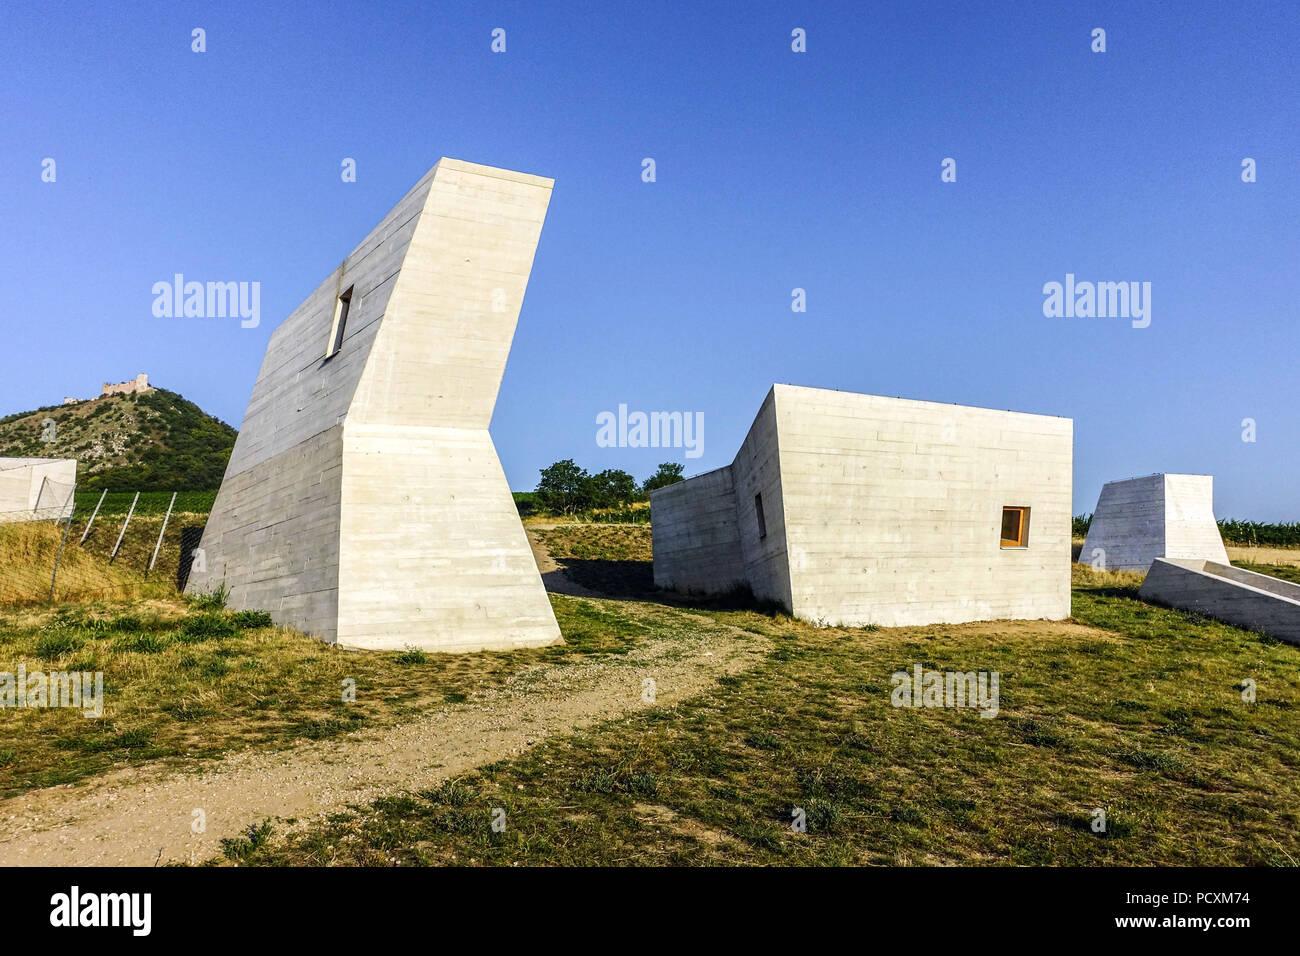 Archeopark Pavlov, Palava region, South Moravia, Czech republic - Stock Image